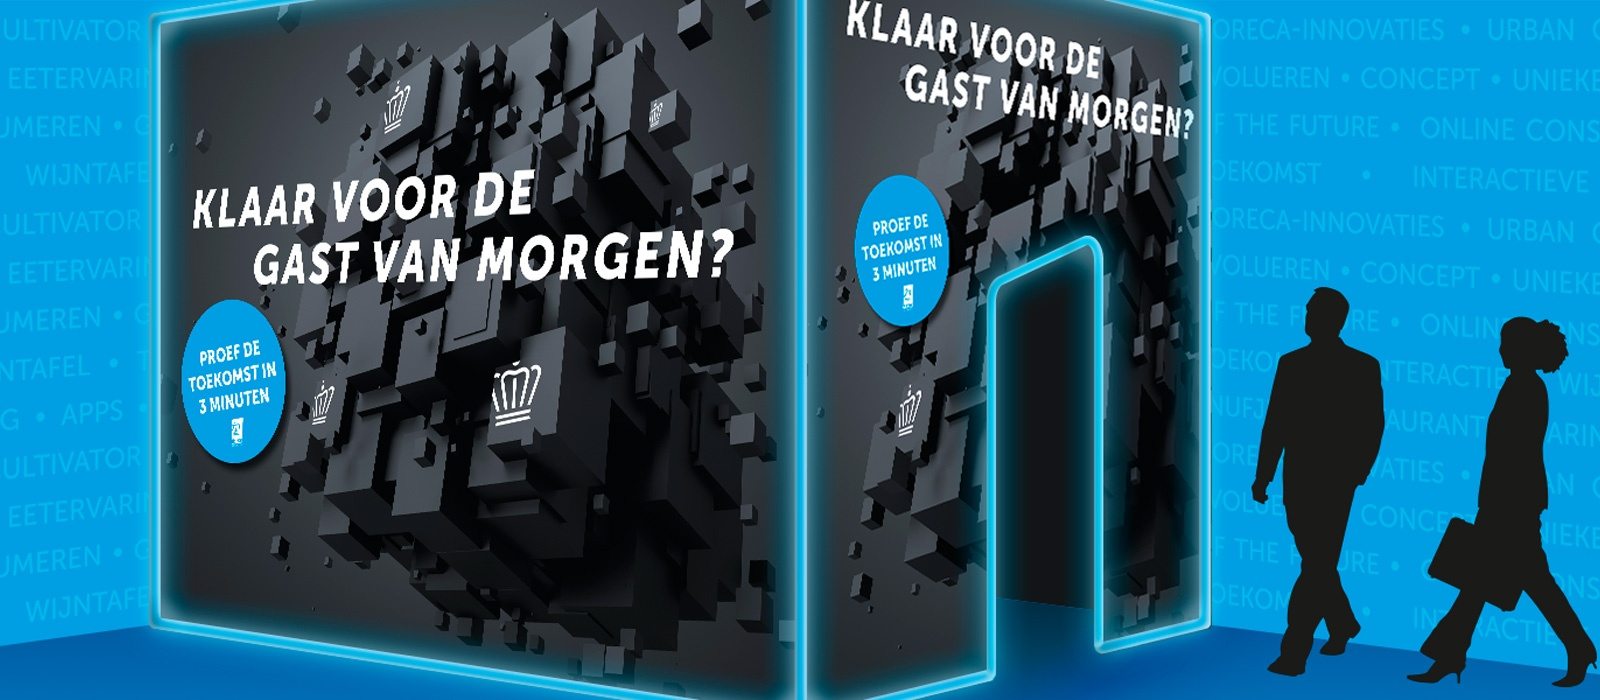 Beursstand met video • Koninklijke Horeca Nederland